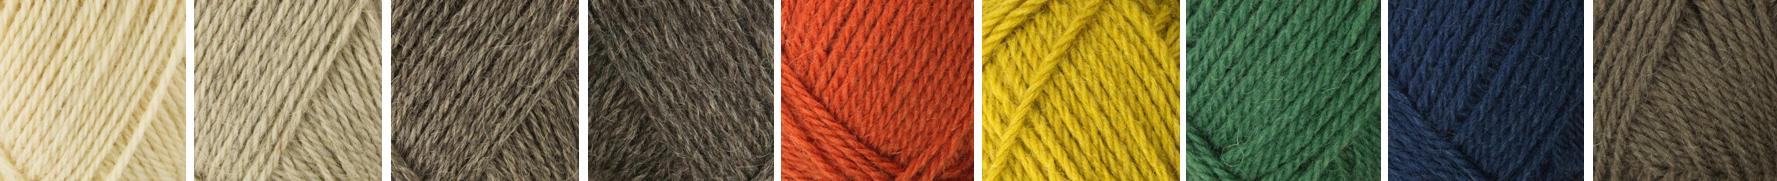 différentes couleurs de pelote de laine